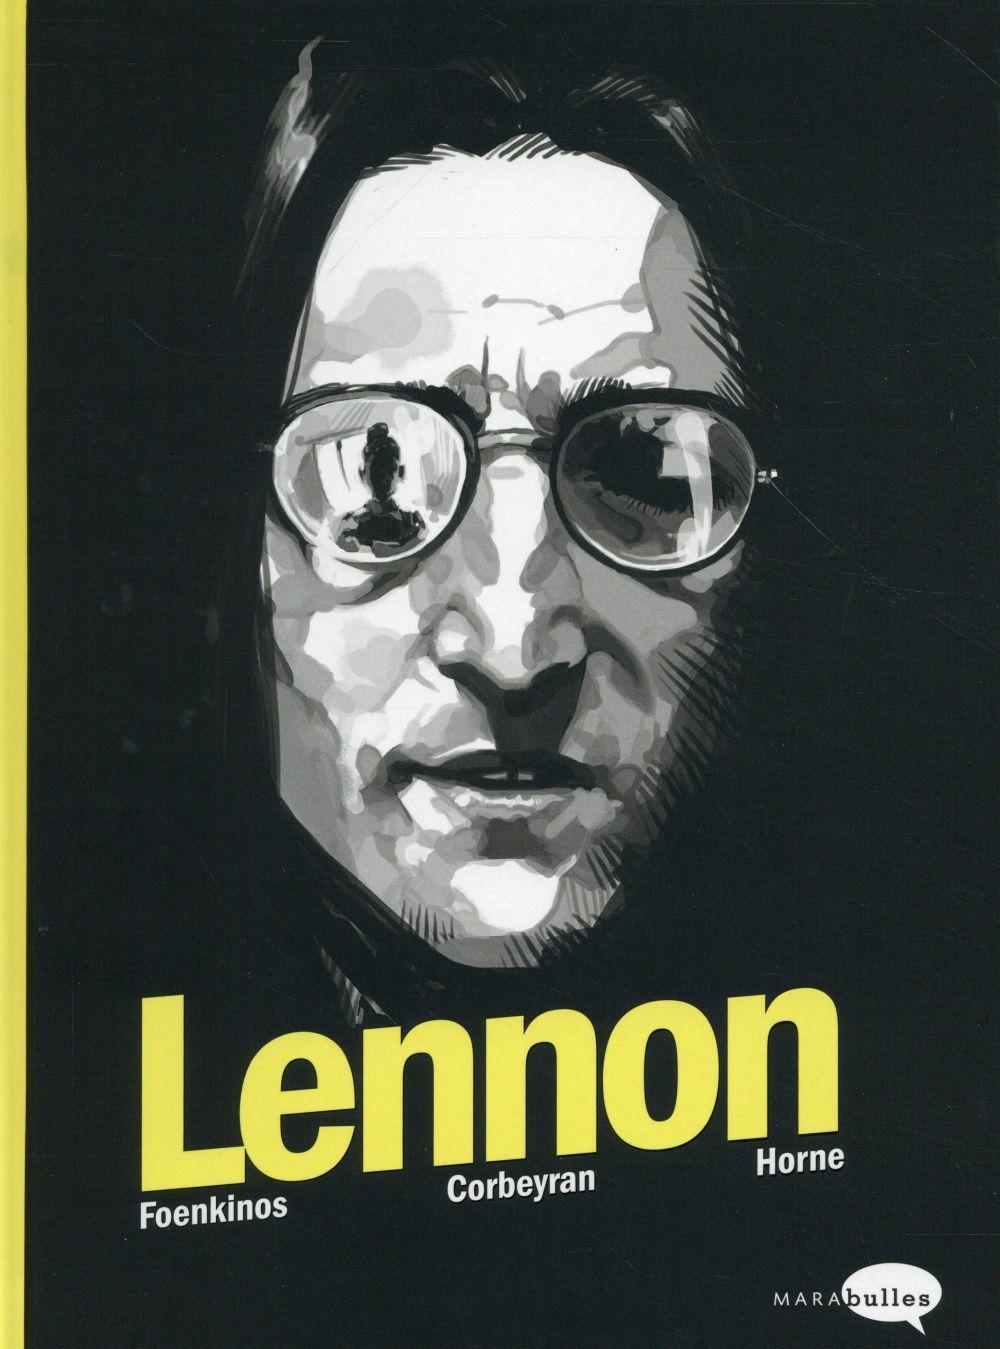 B.D. et Musique Lennon10